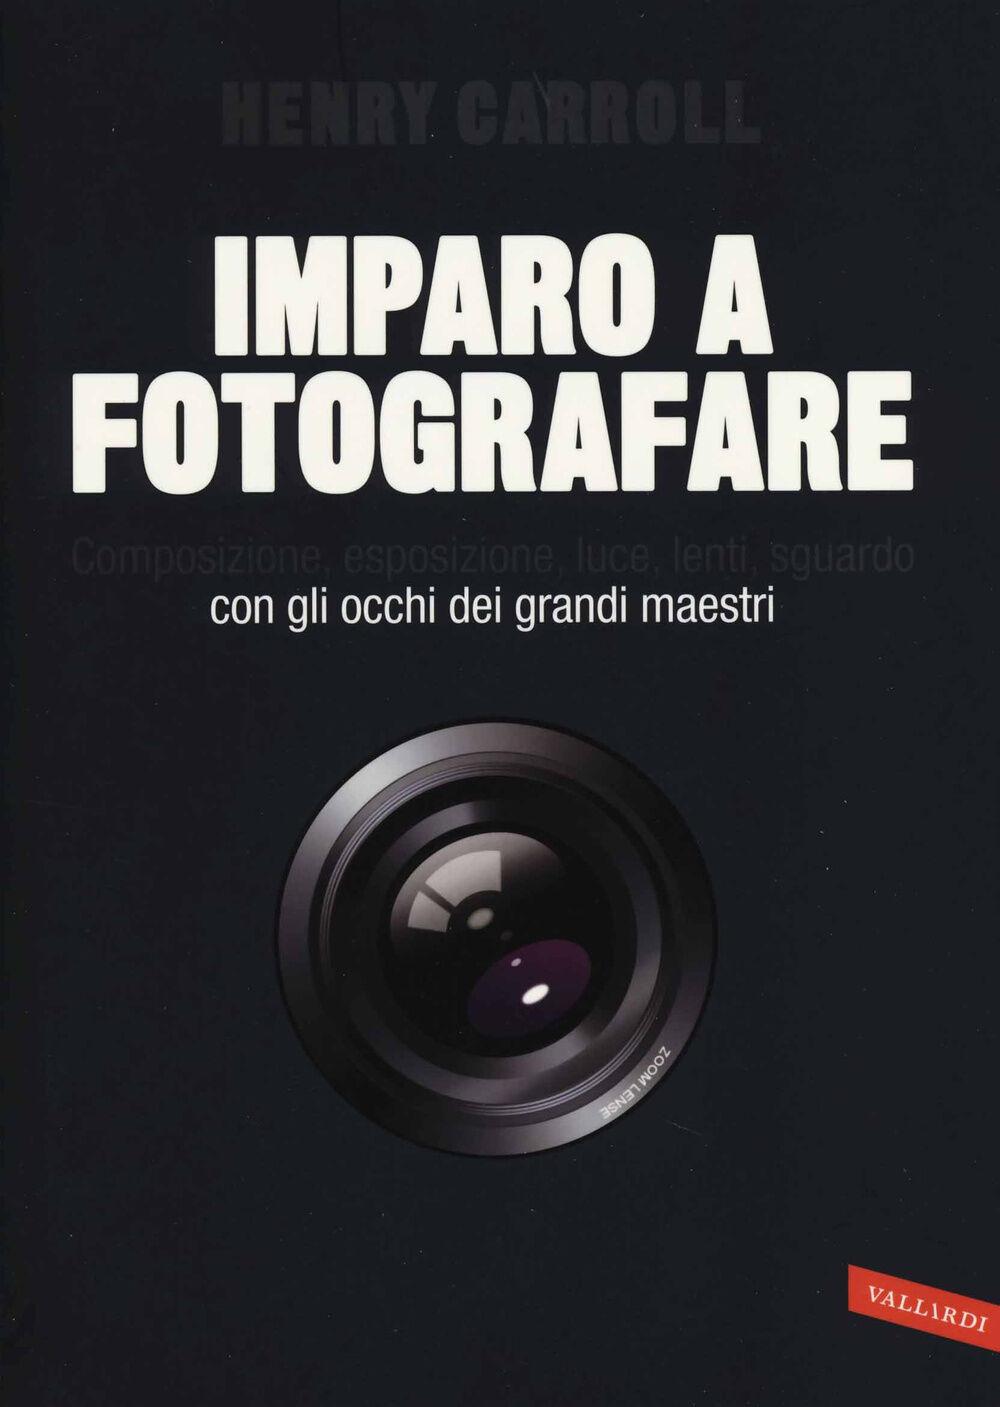 Imparo a fotografare. Composizione, esposizione, luce, lenti, sguardo.Con gli occhi dei grandi maestri